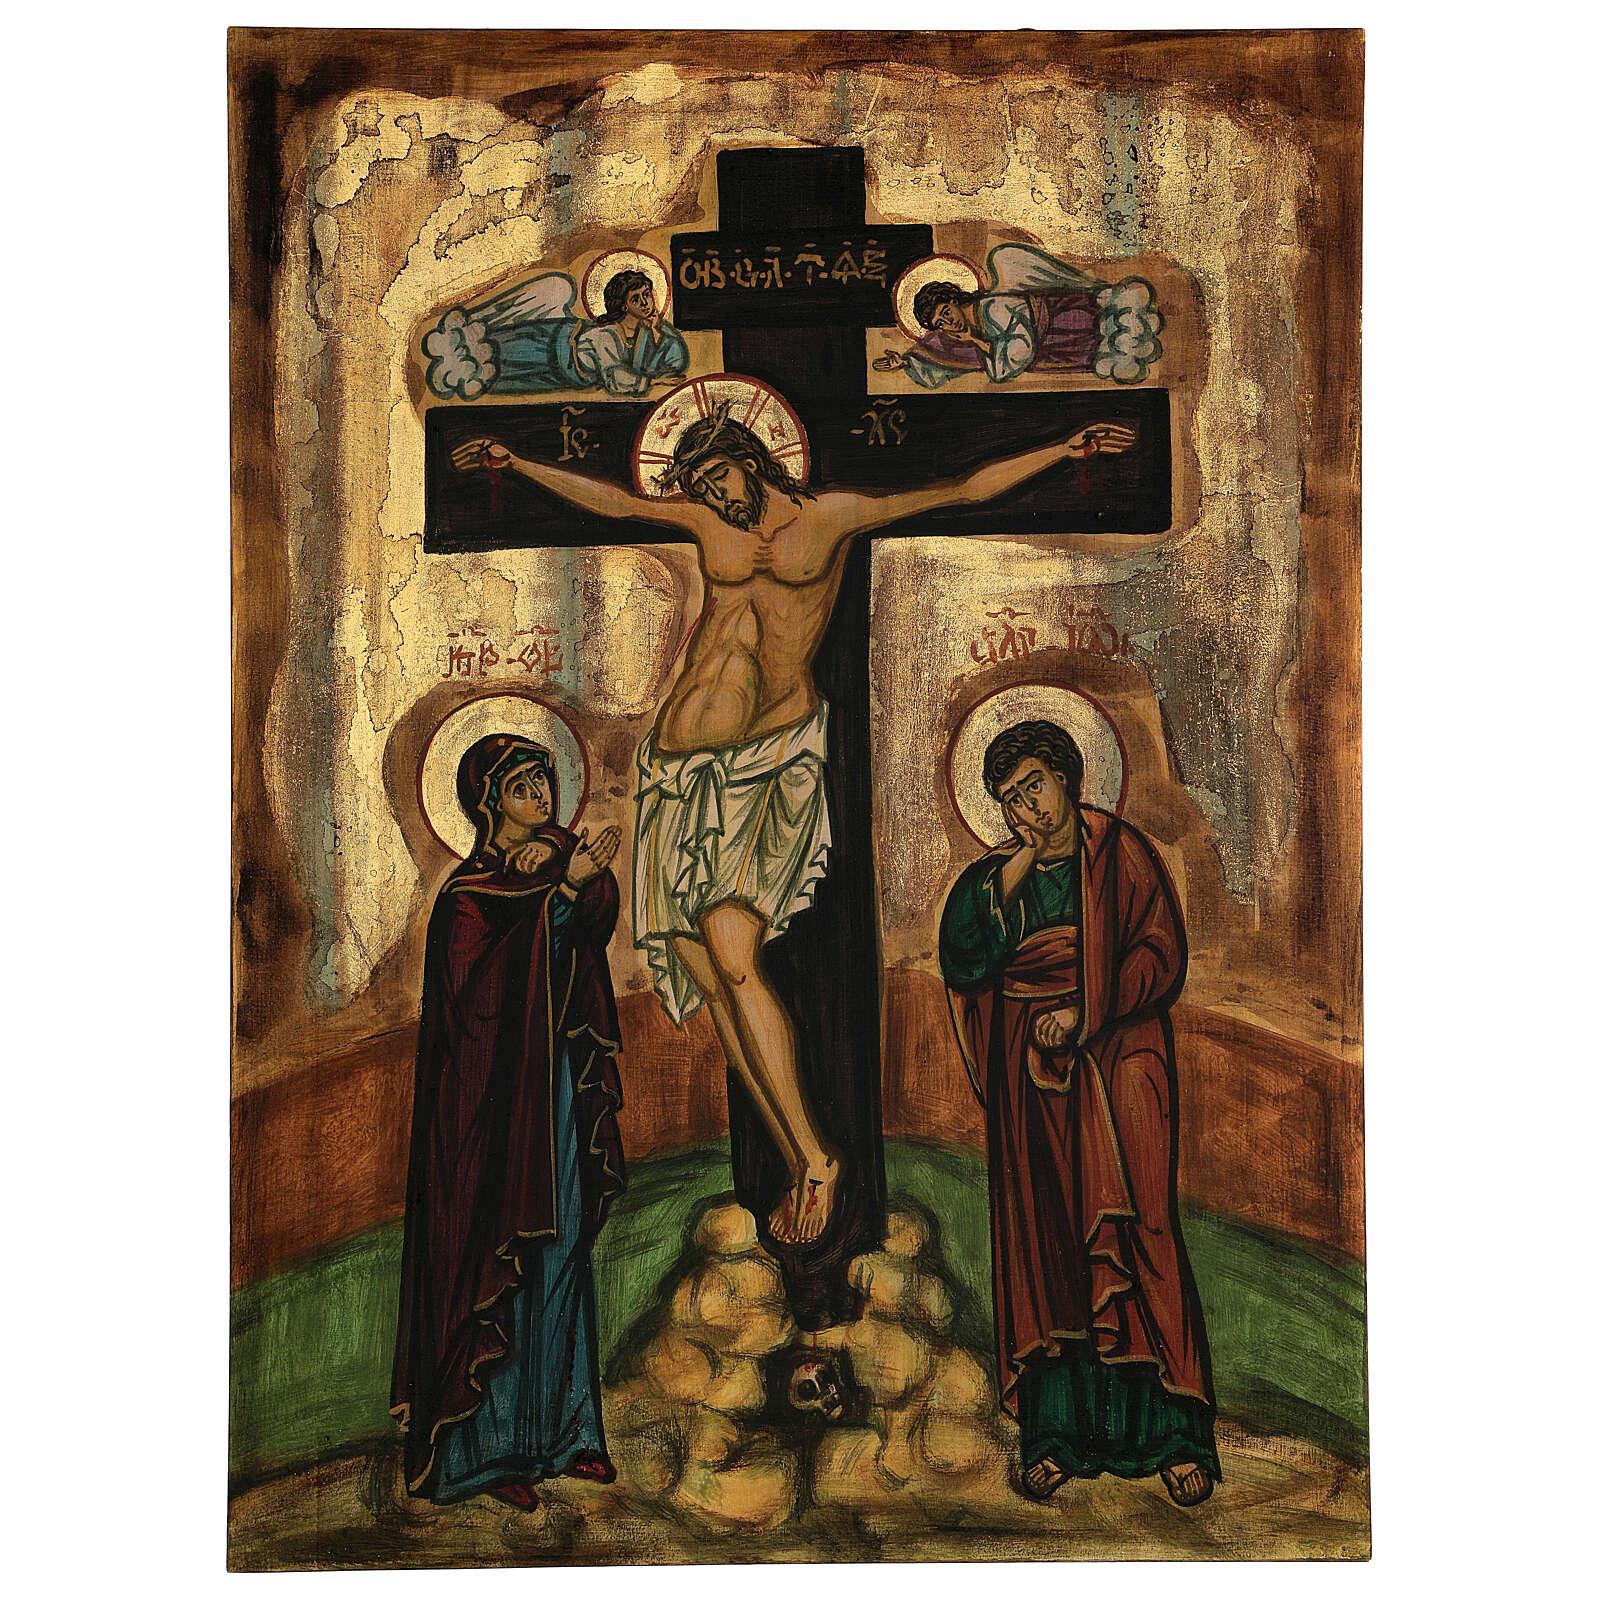 Icona La Crocifissione bizantina Romania 50x40 cm dipinta a mano 4